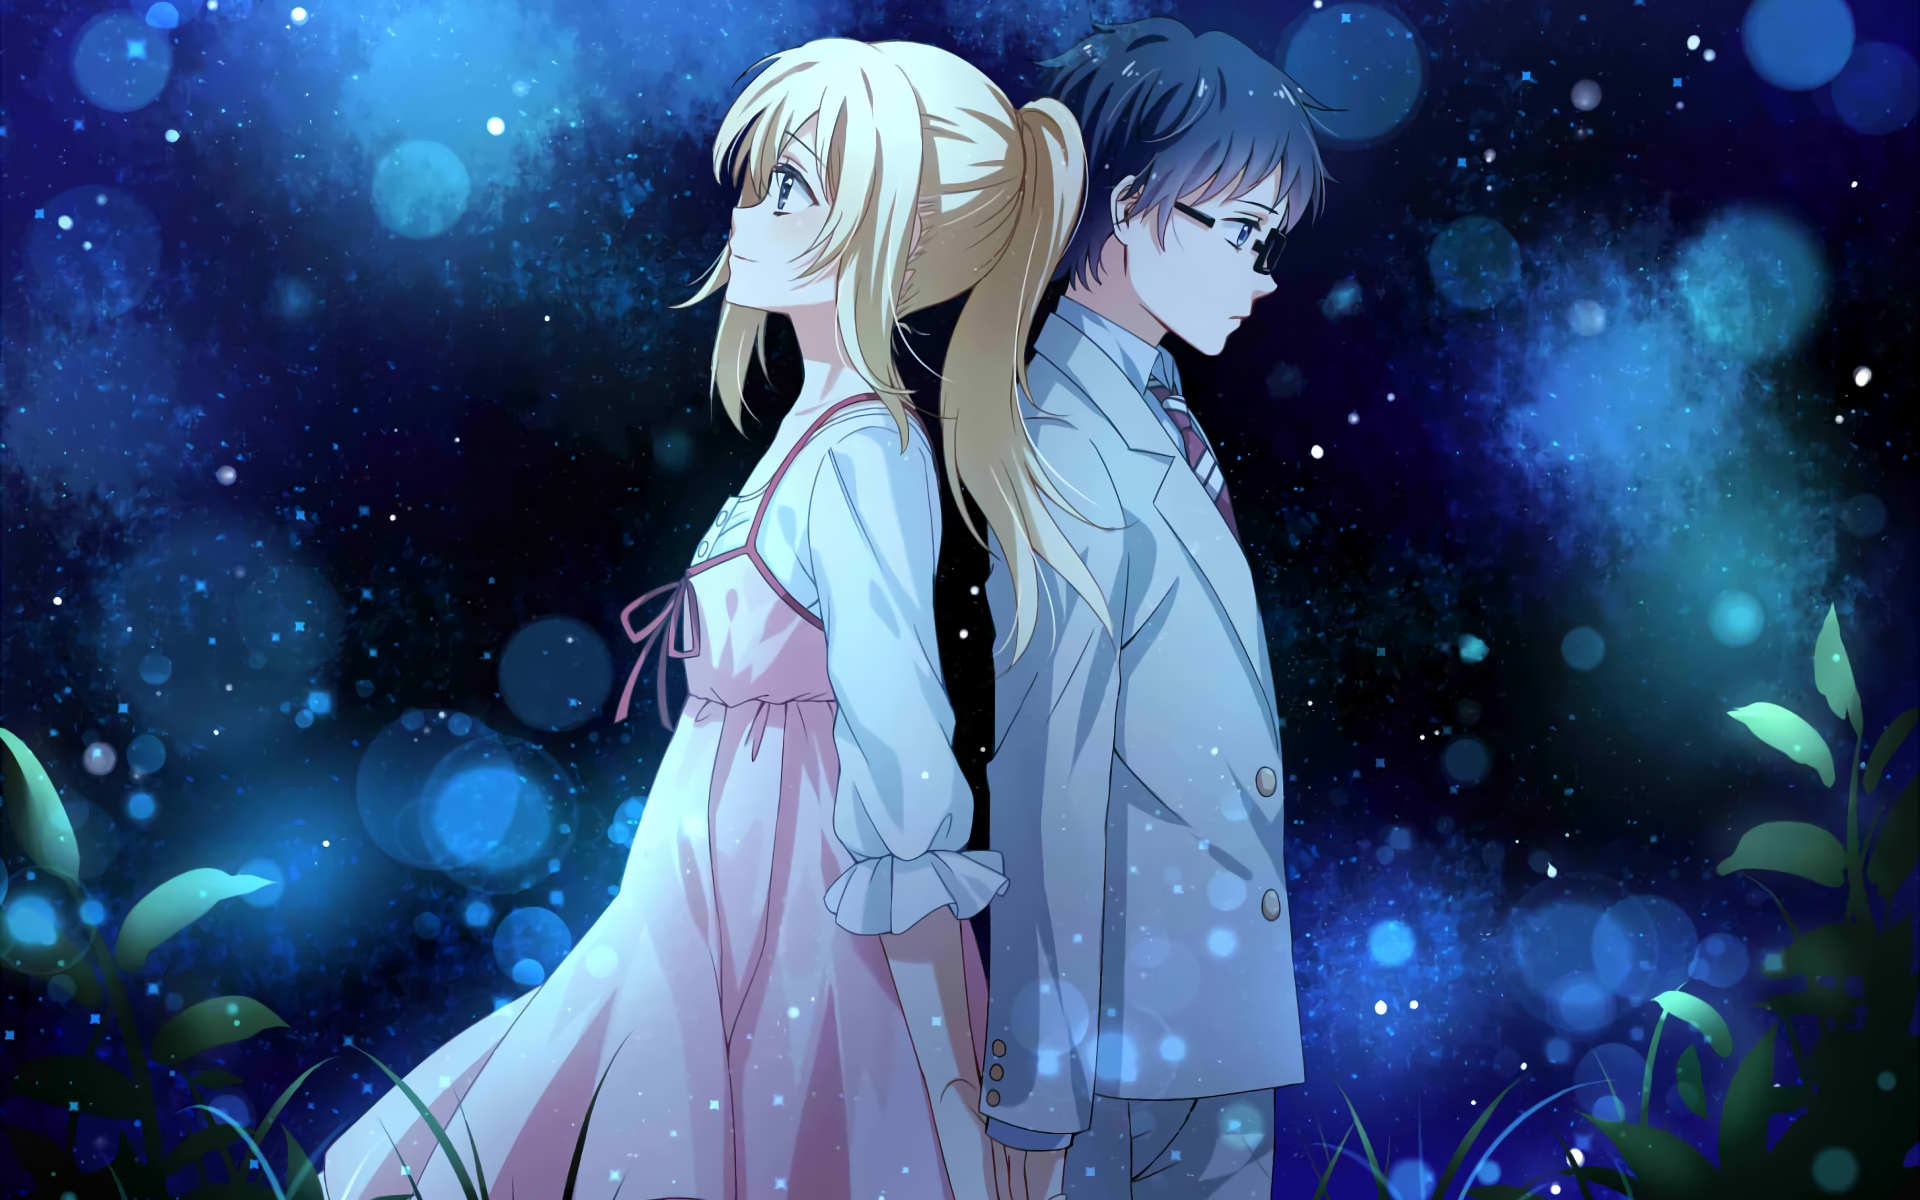 1920x1200 Wallpaper Anime Couple Kaori Miyazono Kousei Arima Your Lie In April